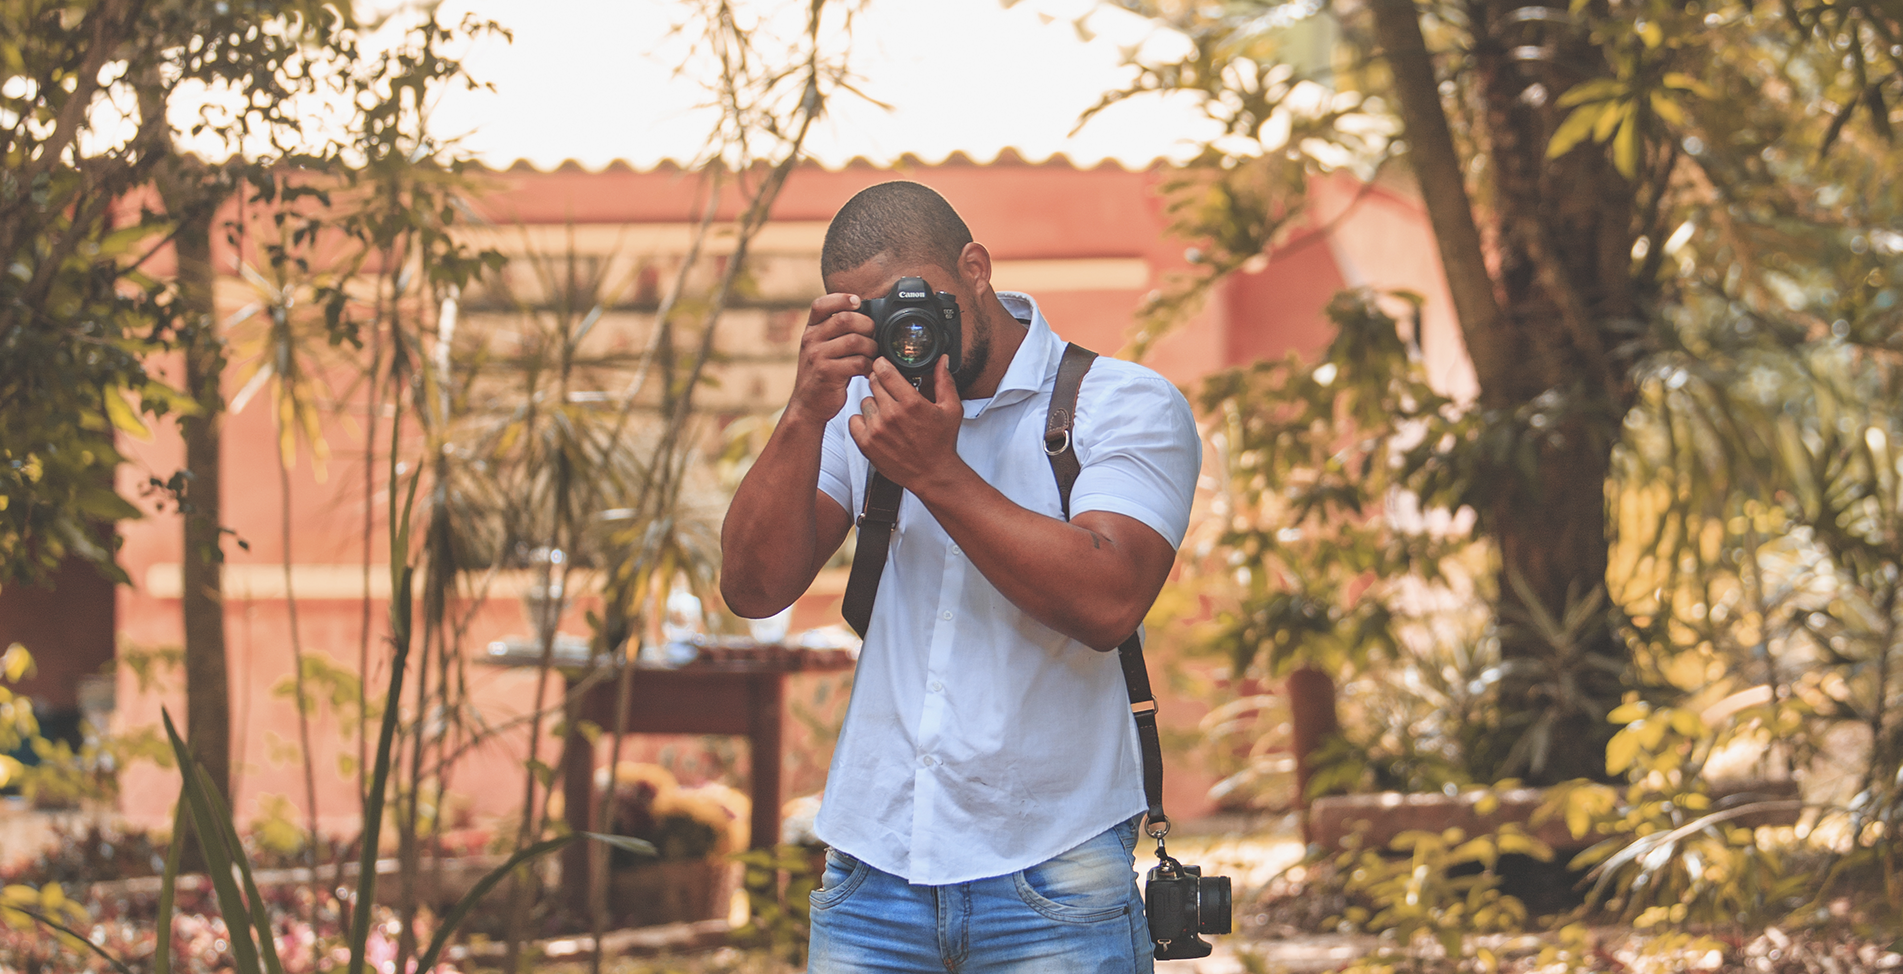 Sobre Fotógrafo de Casamento SP - Mario Gildo - Jaú / Bauru - SP